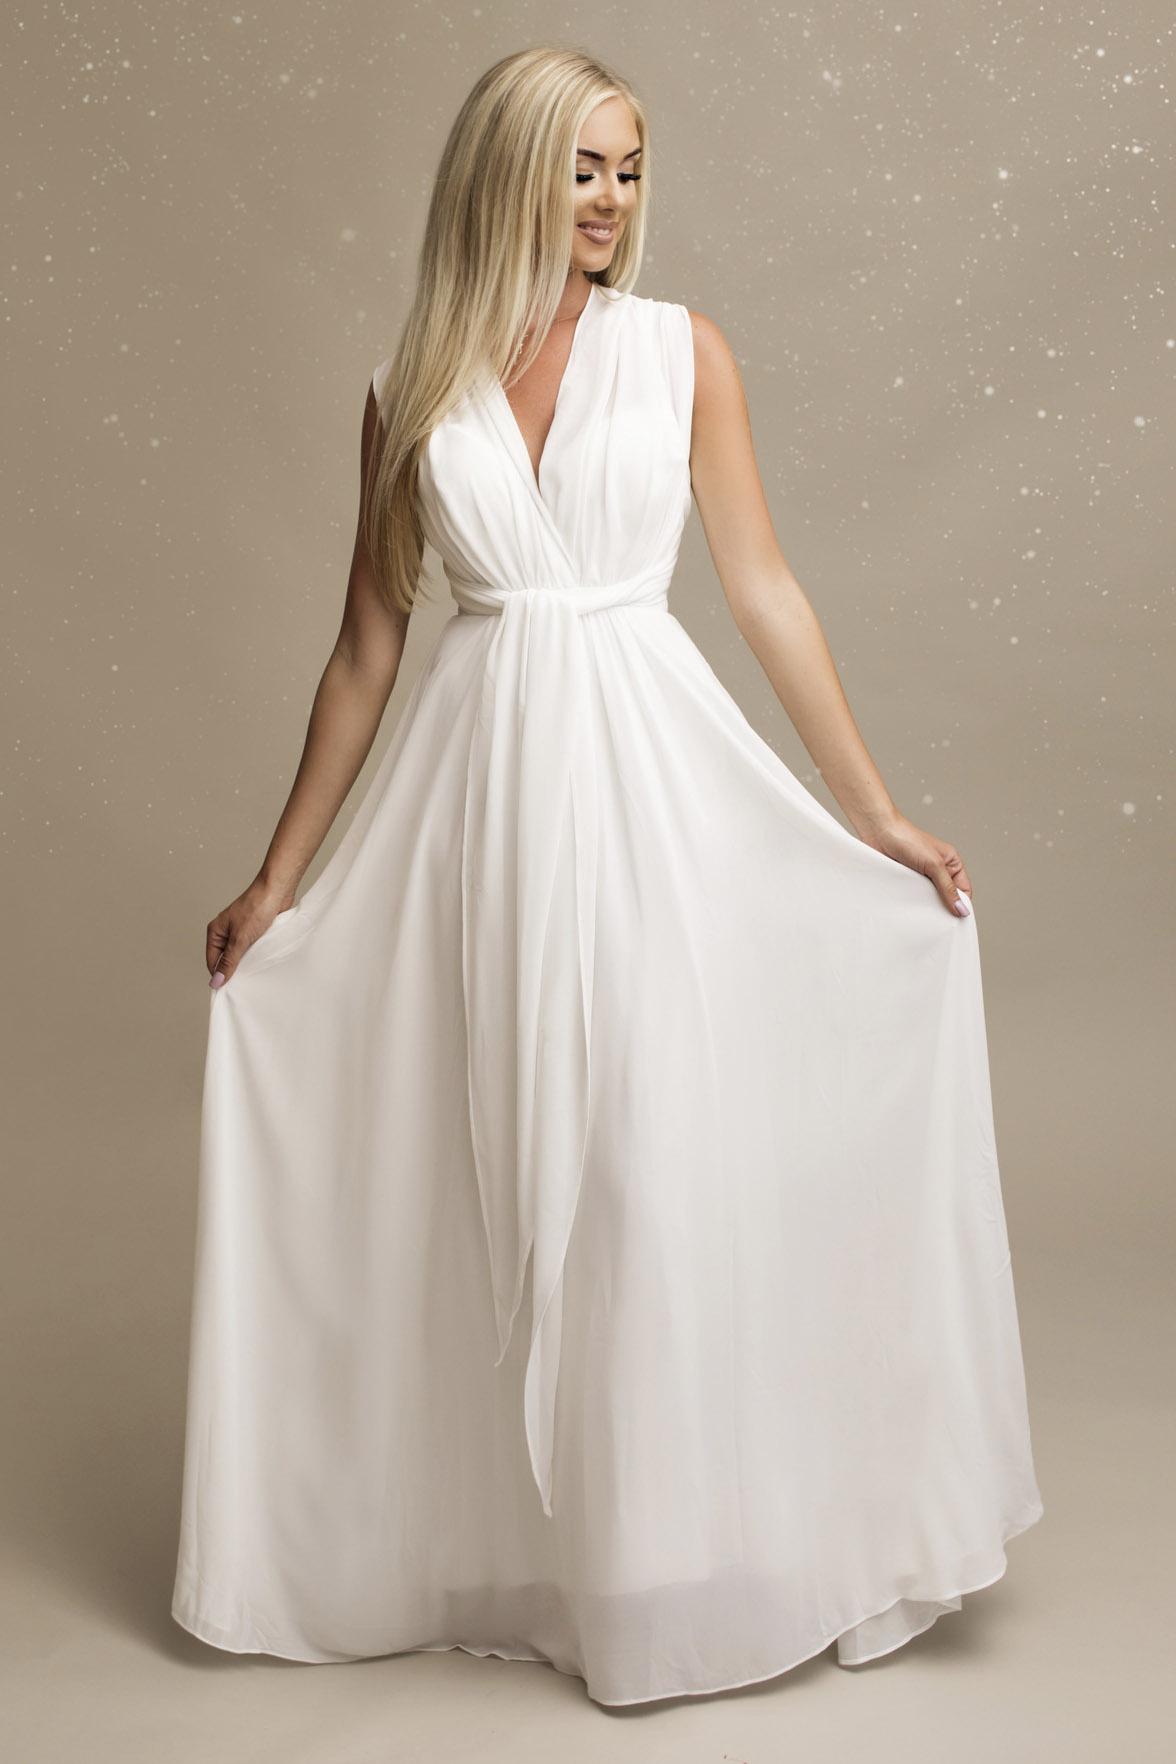 SENAT DELICATE valge kleit